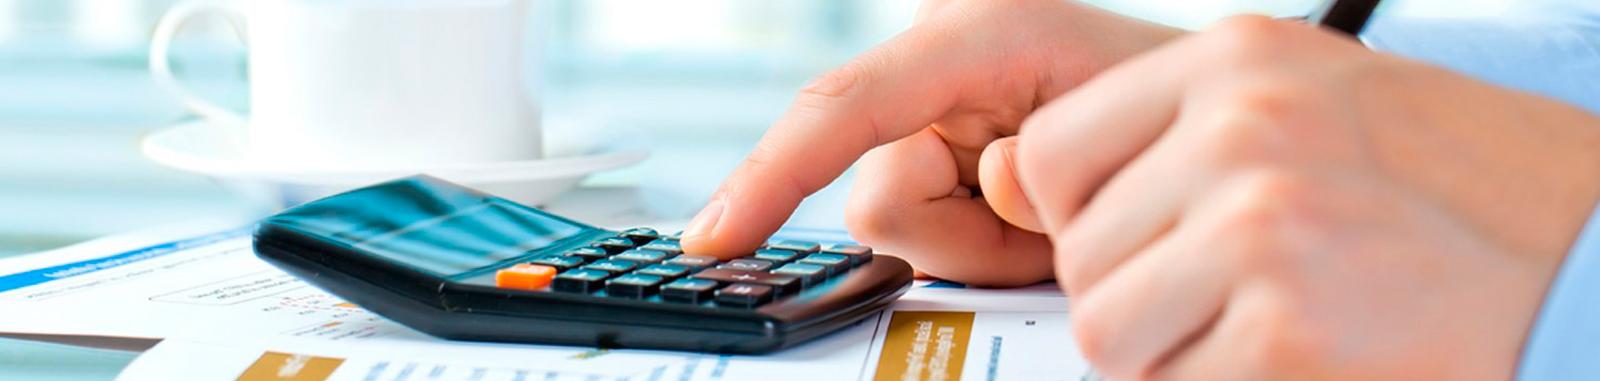 Deducciones Fiscales para Empresas I+D+I